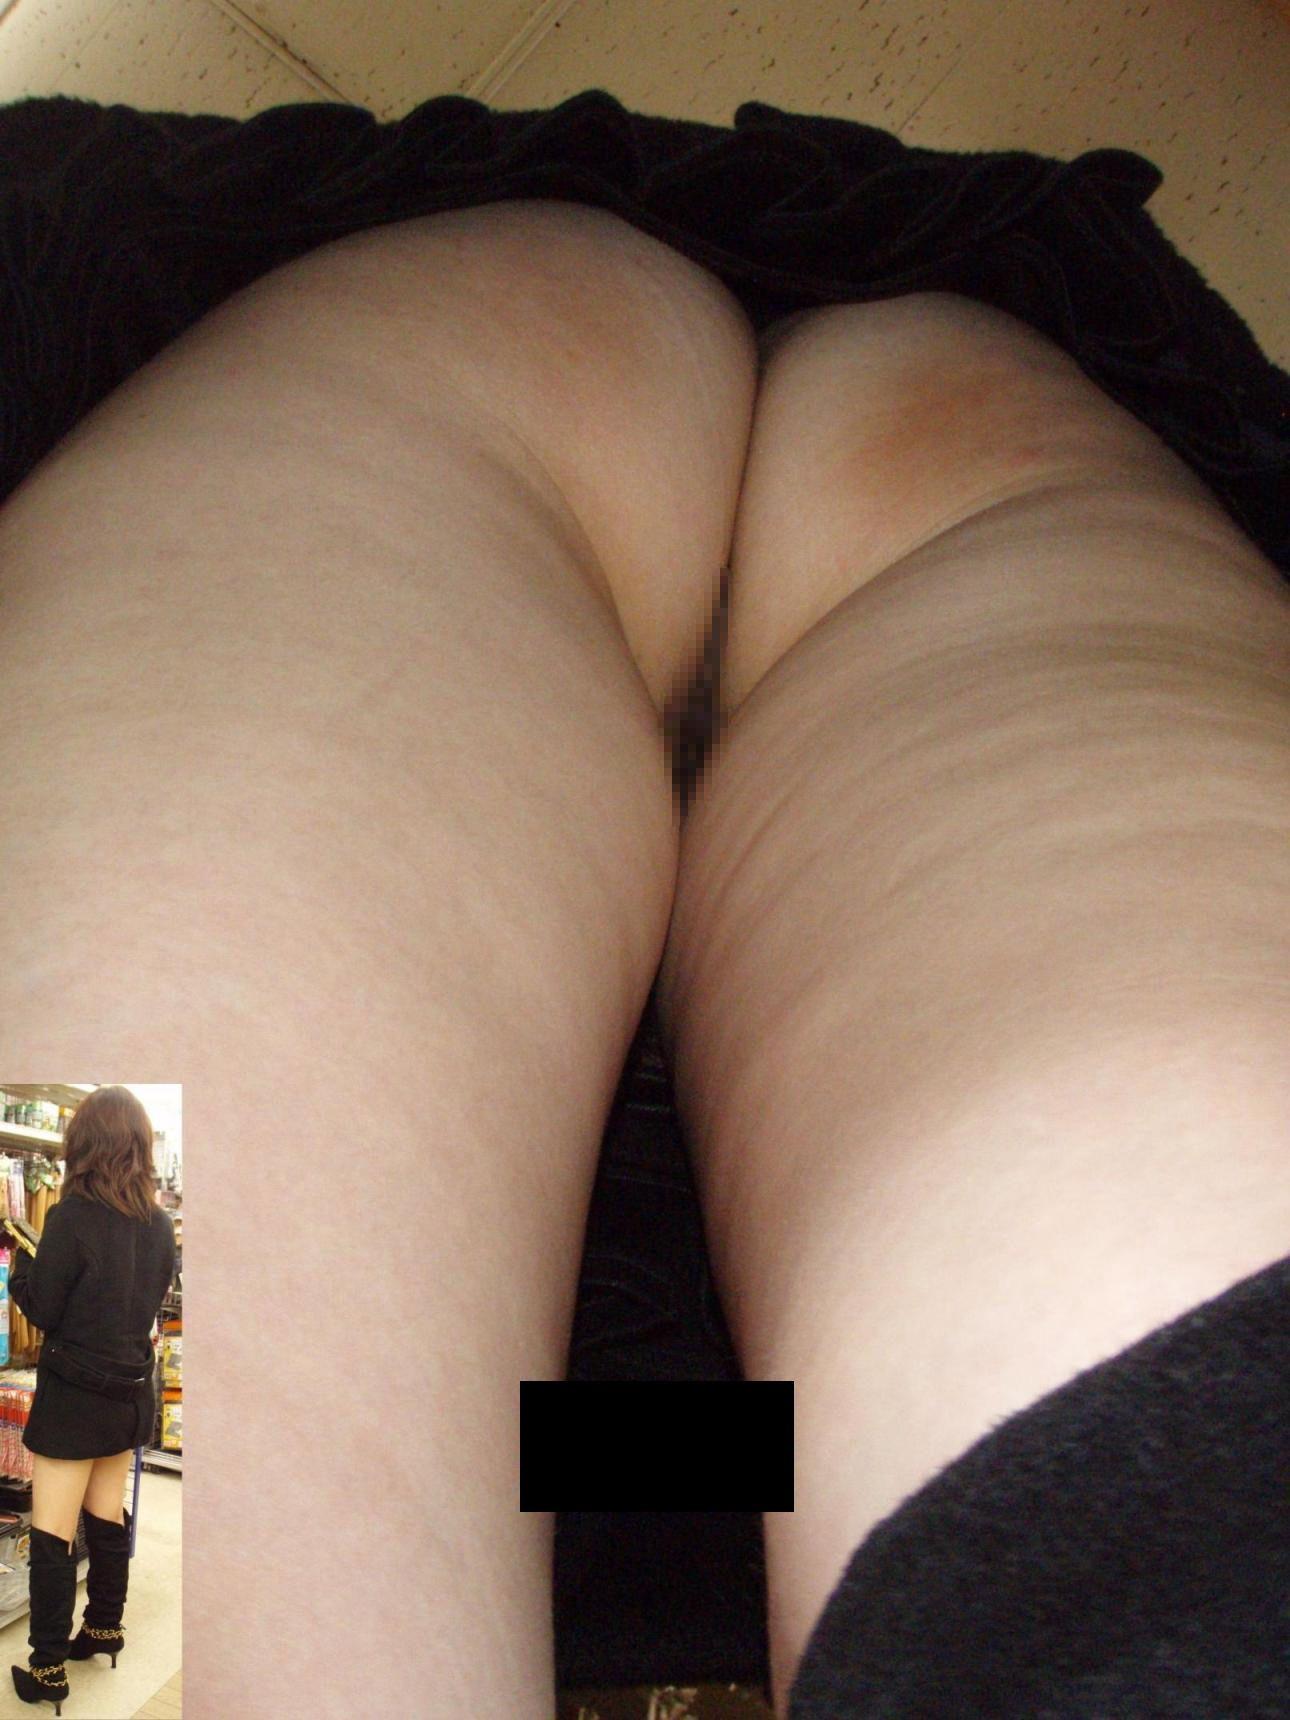 ノーパン スカート逆さ撮り 【ノーパン女子限定】マンチラリズムな逆さ撮り盗撮エロ画像【21】